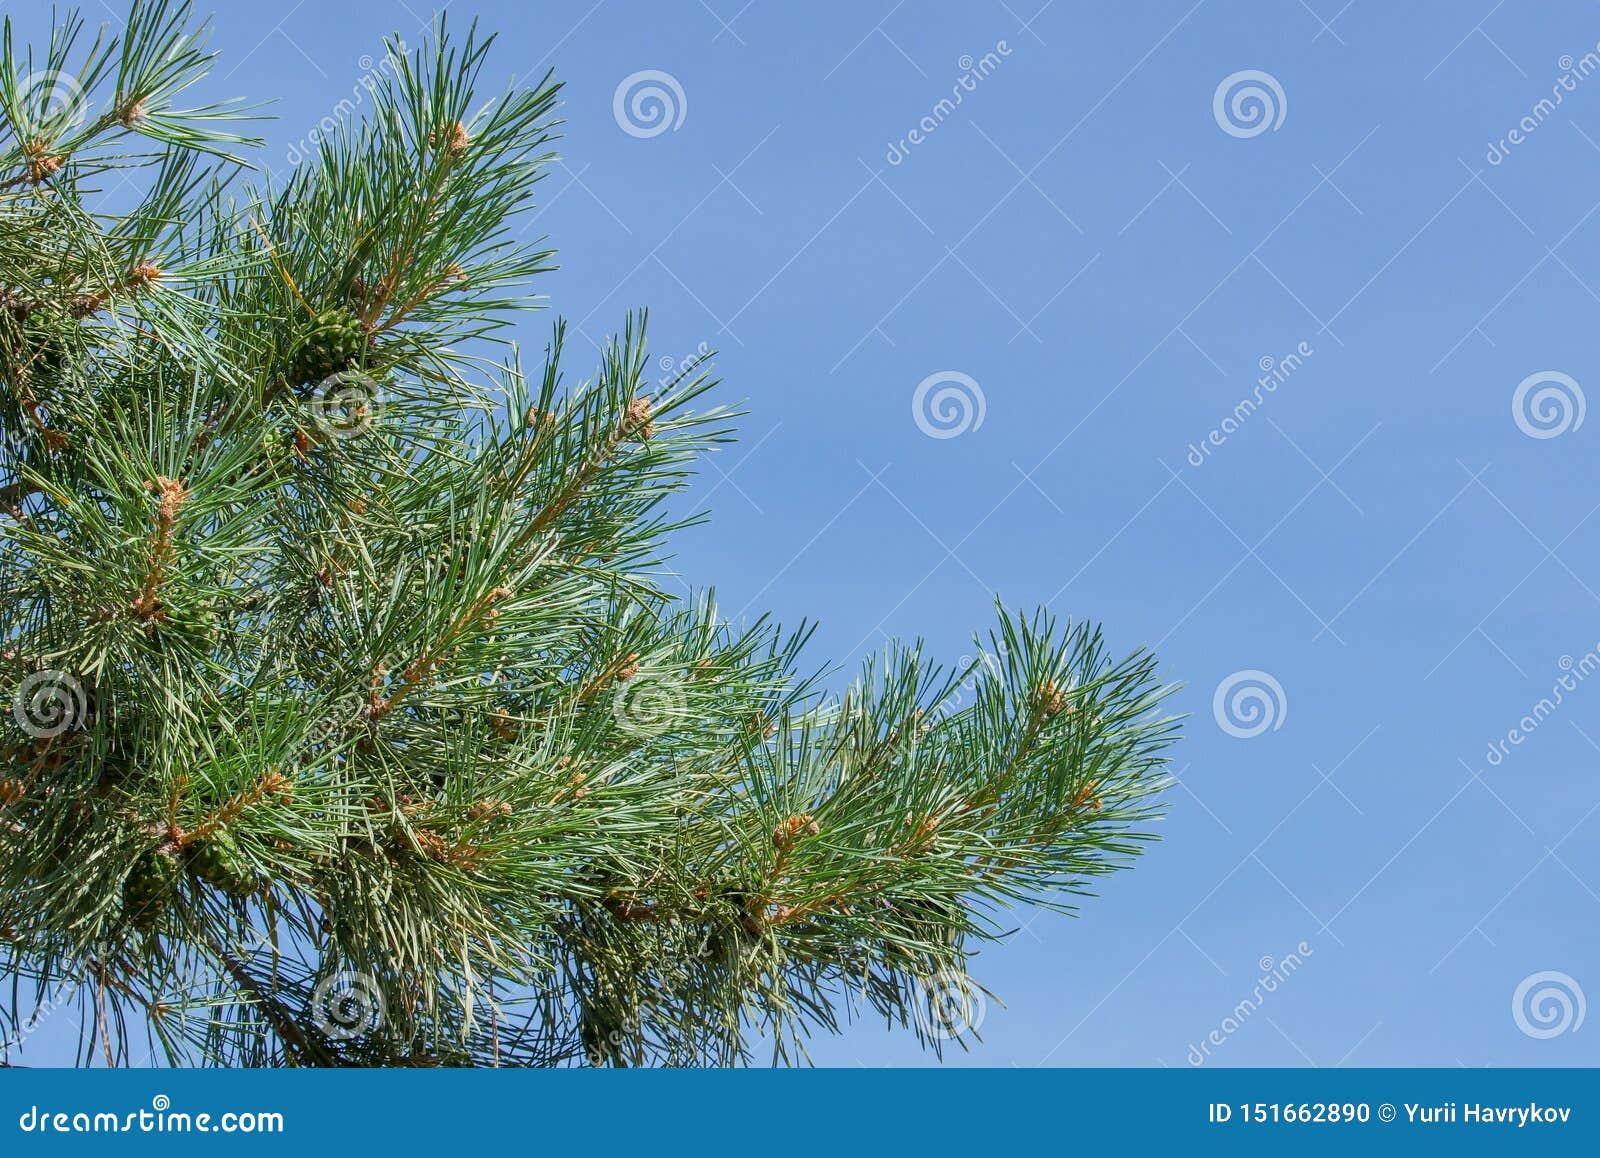 Ветвь сосны с зелеными конусами против голубого неба в парке